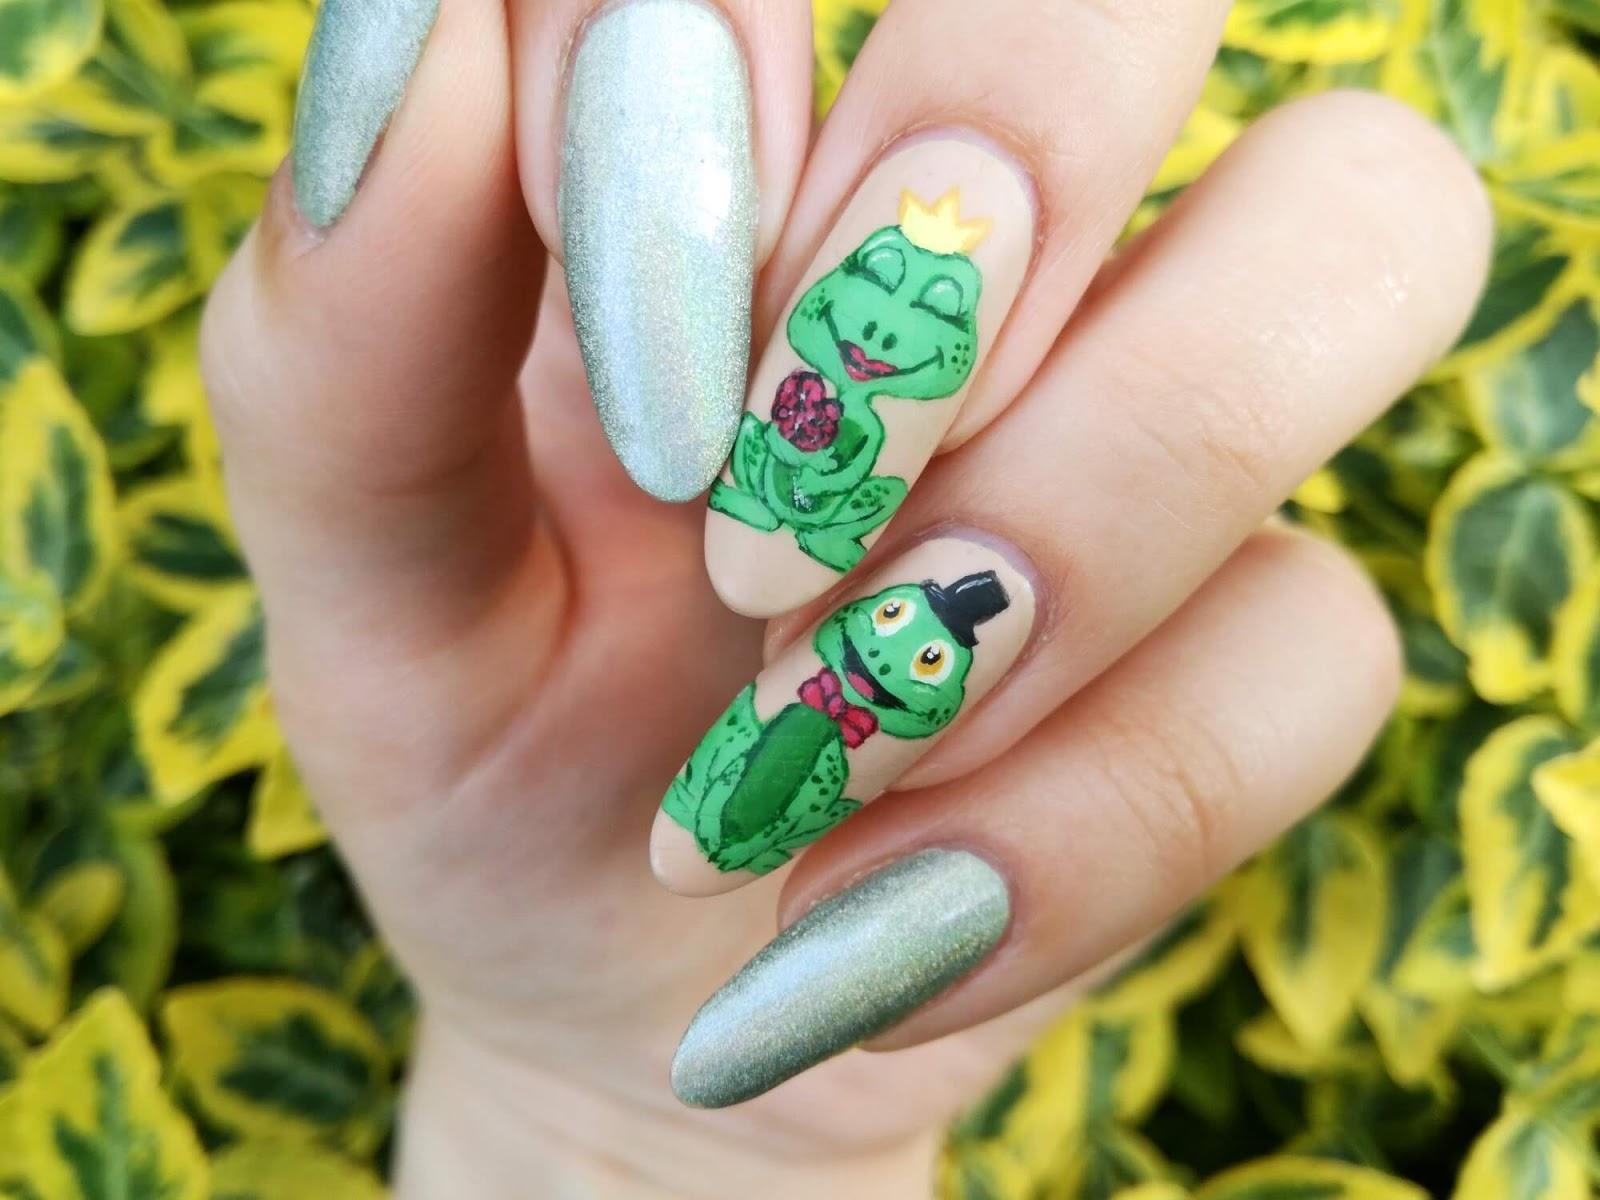 urocze paznokcie w żaby